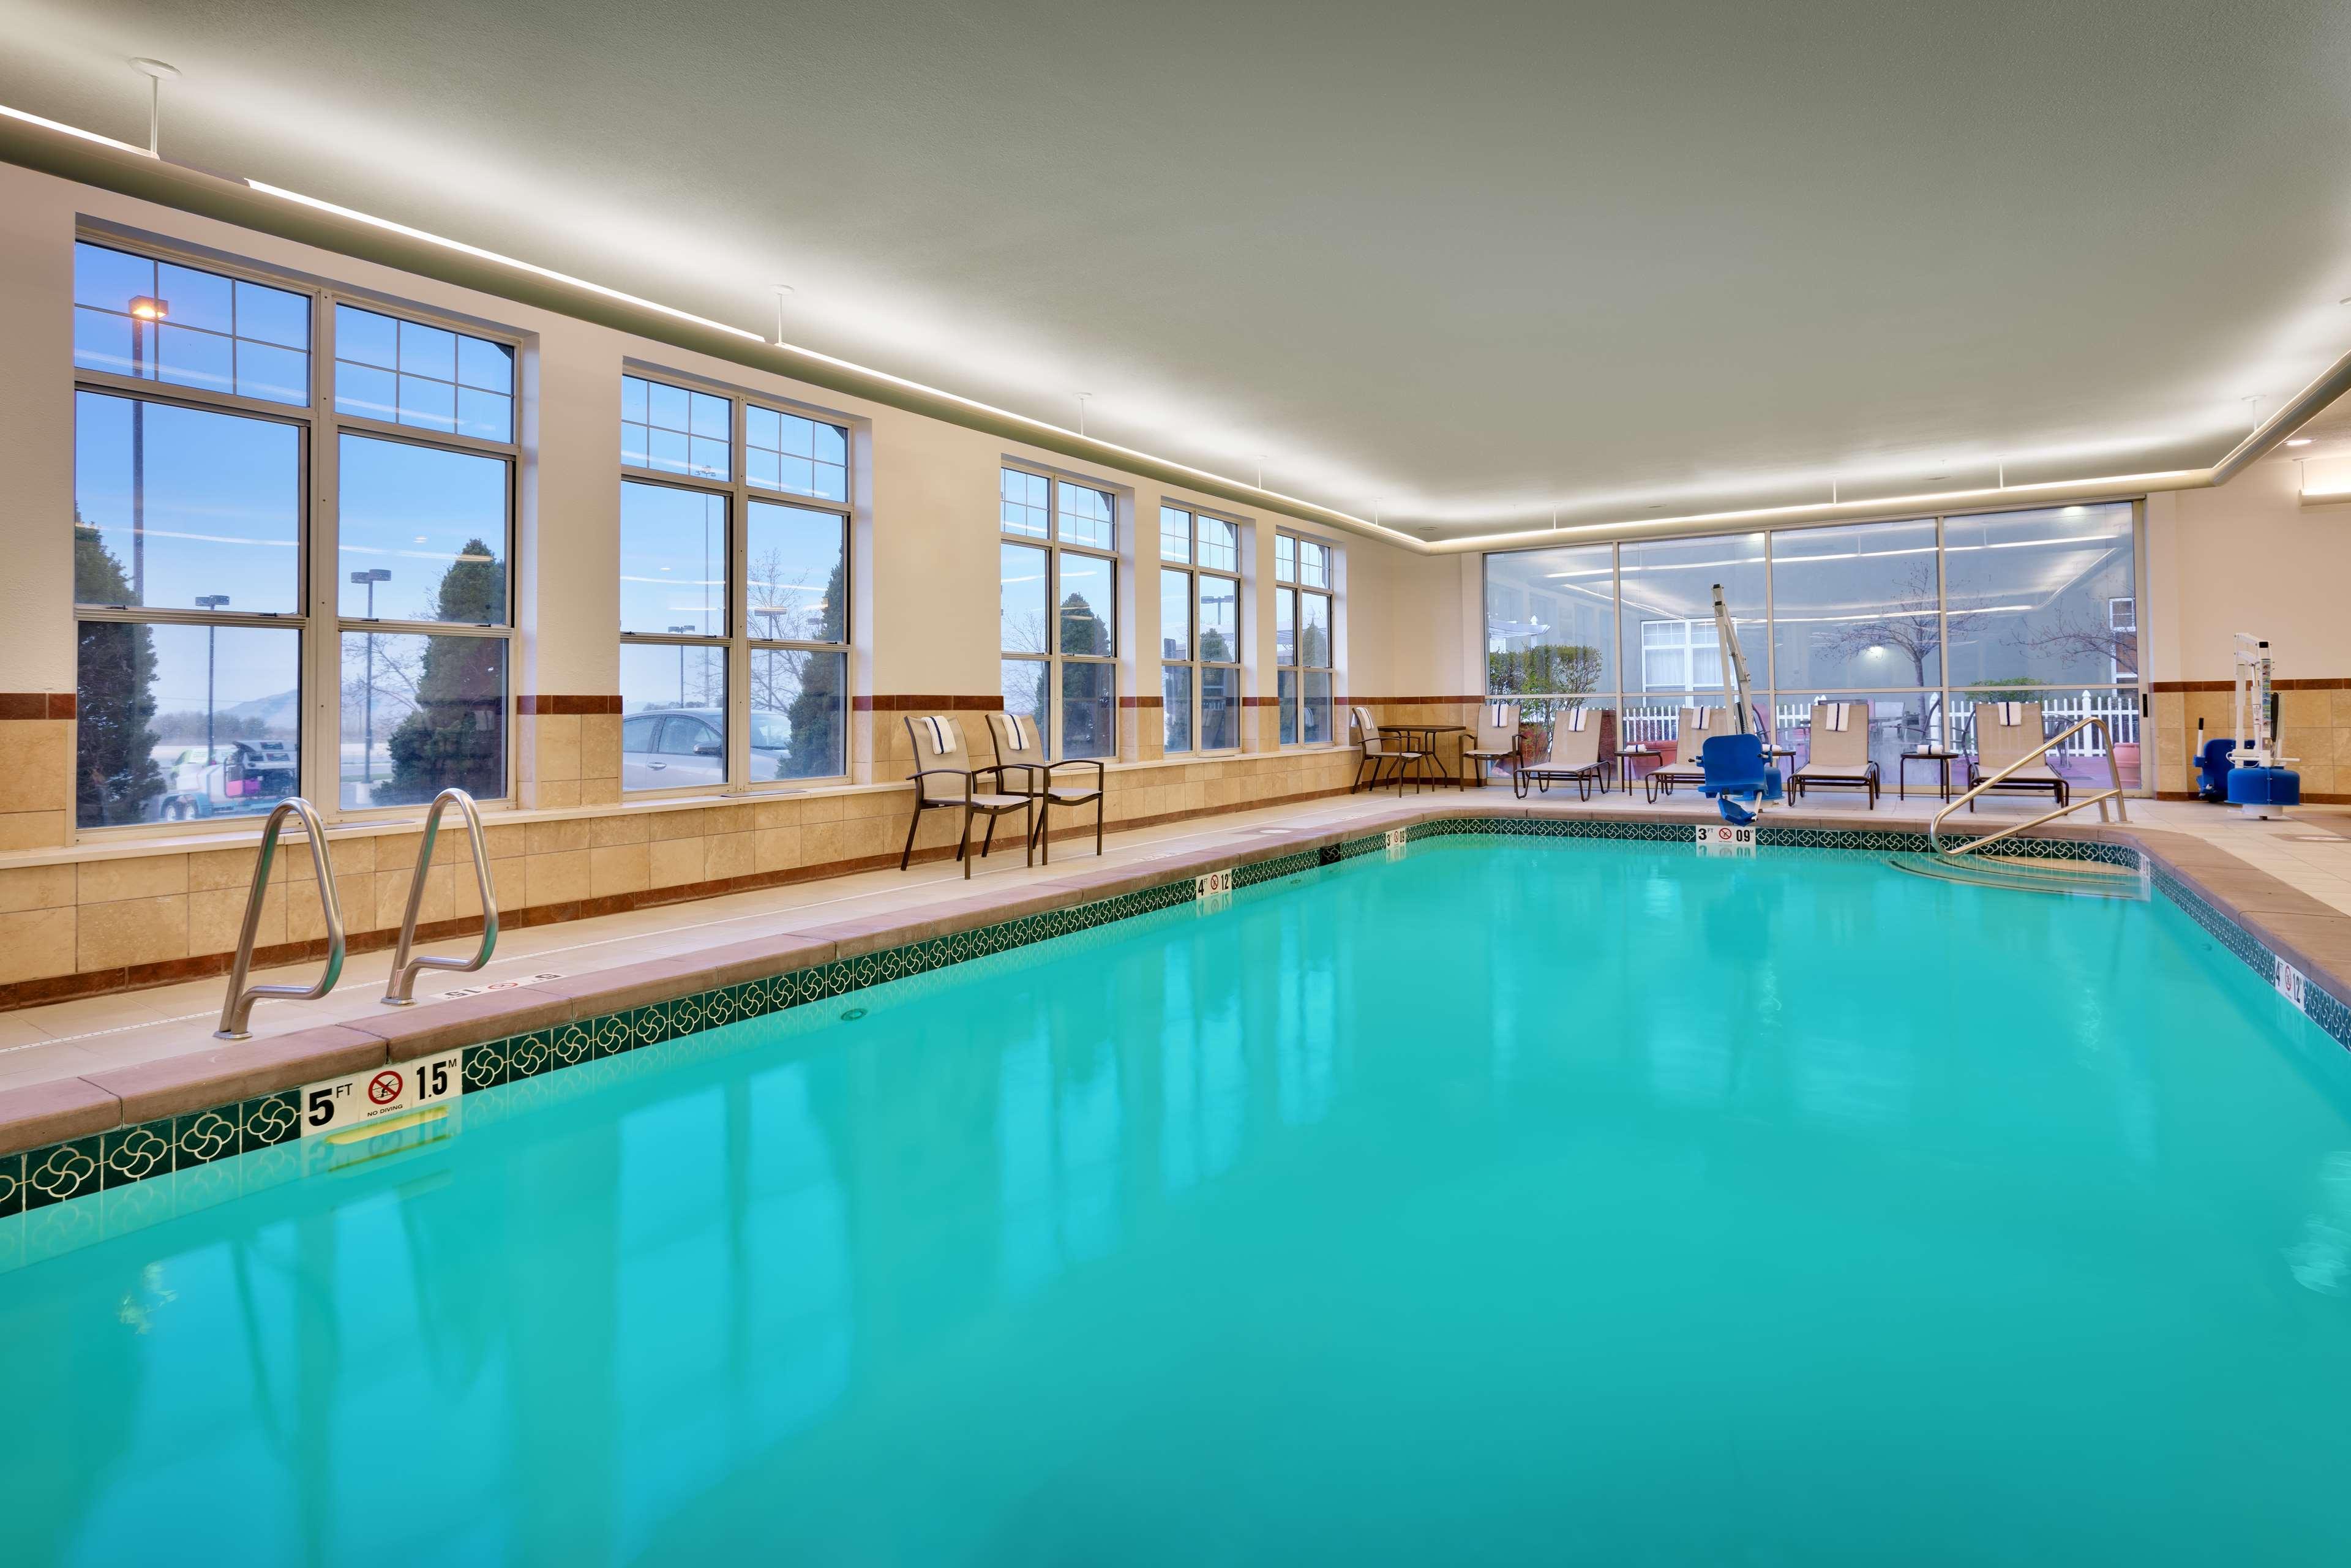 Hampton Inn & Suites Orem image 5